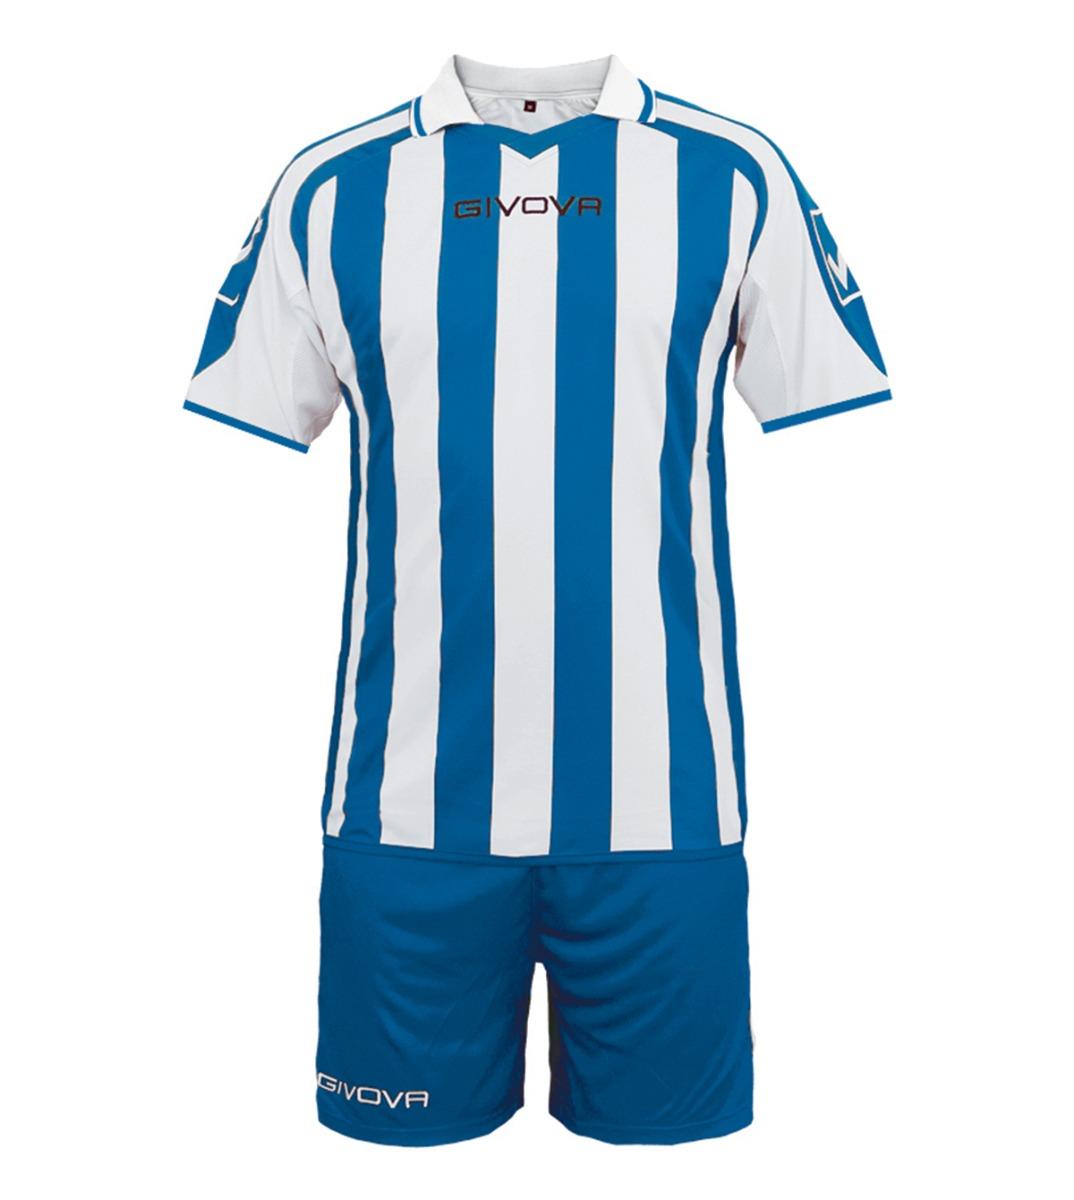 Kit Trasversal Calcio Sport GIVOVA Abbigliamento Sportivo Uomo Calcistico GIOSAL